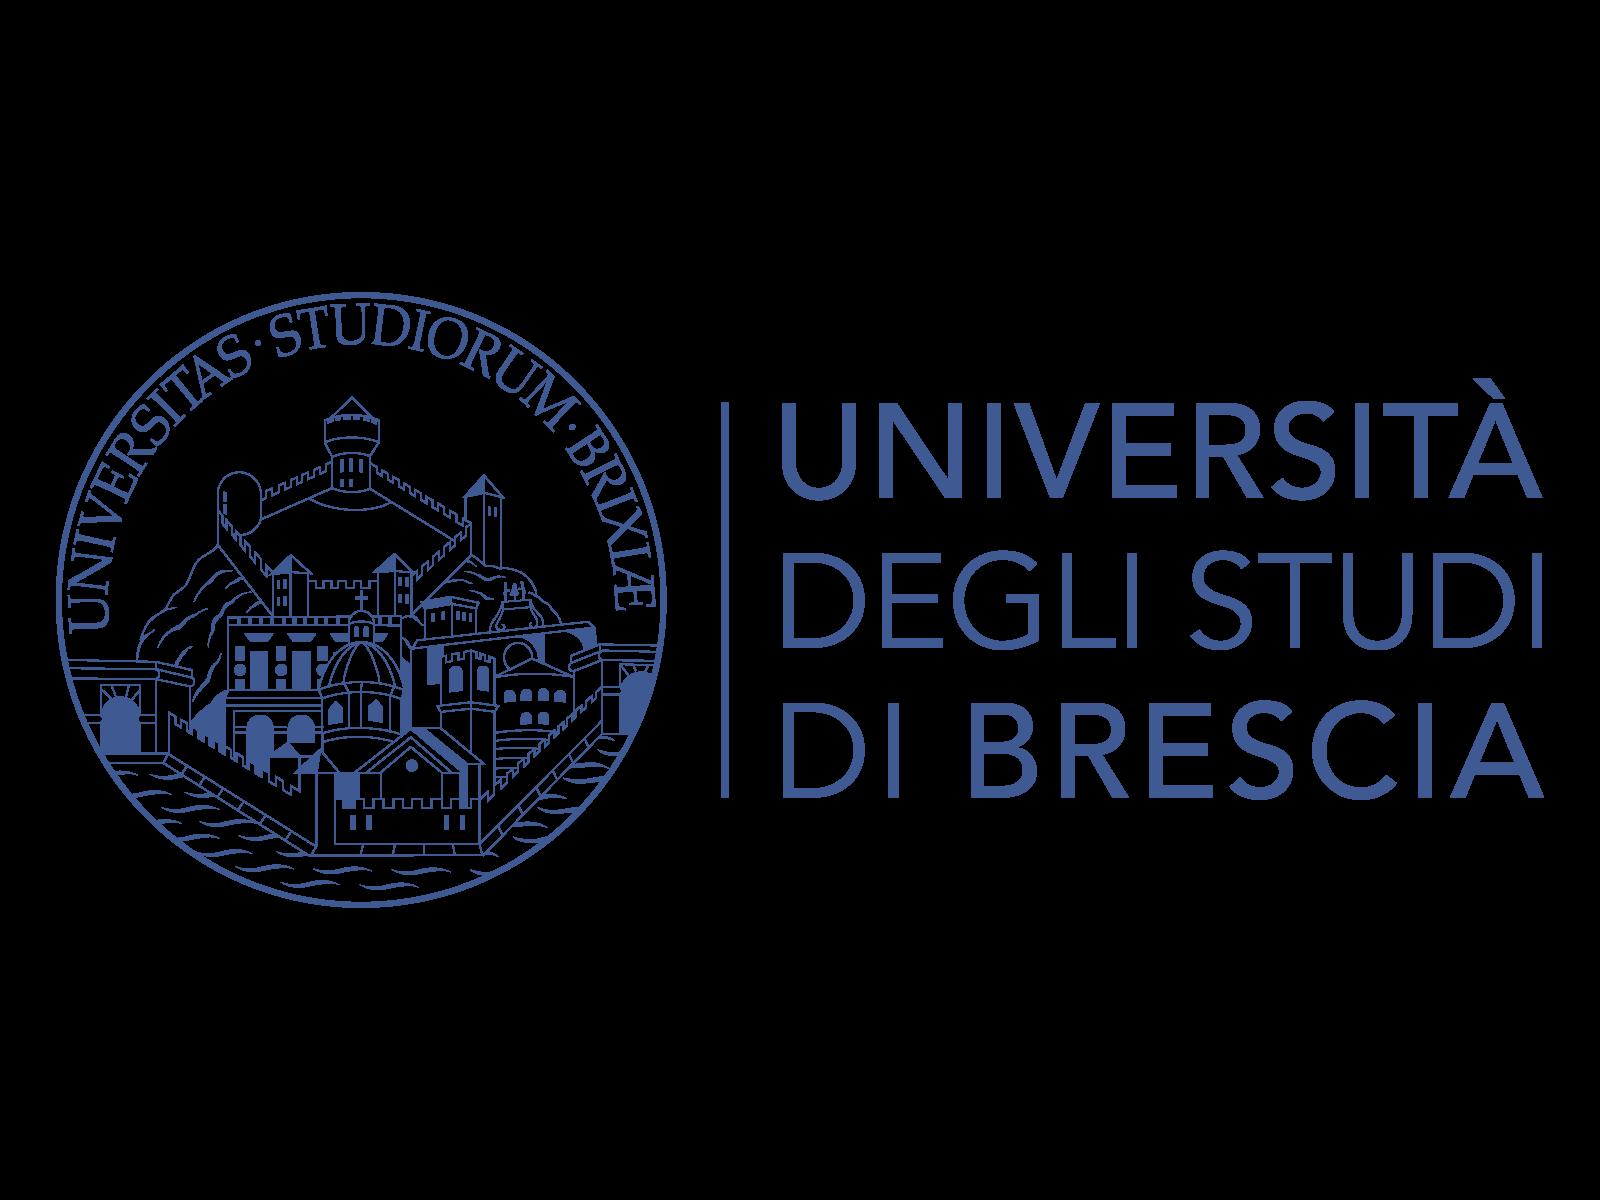 Universita Degli Studi di Brescia